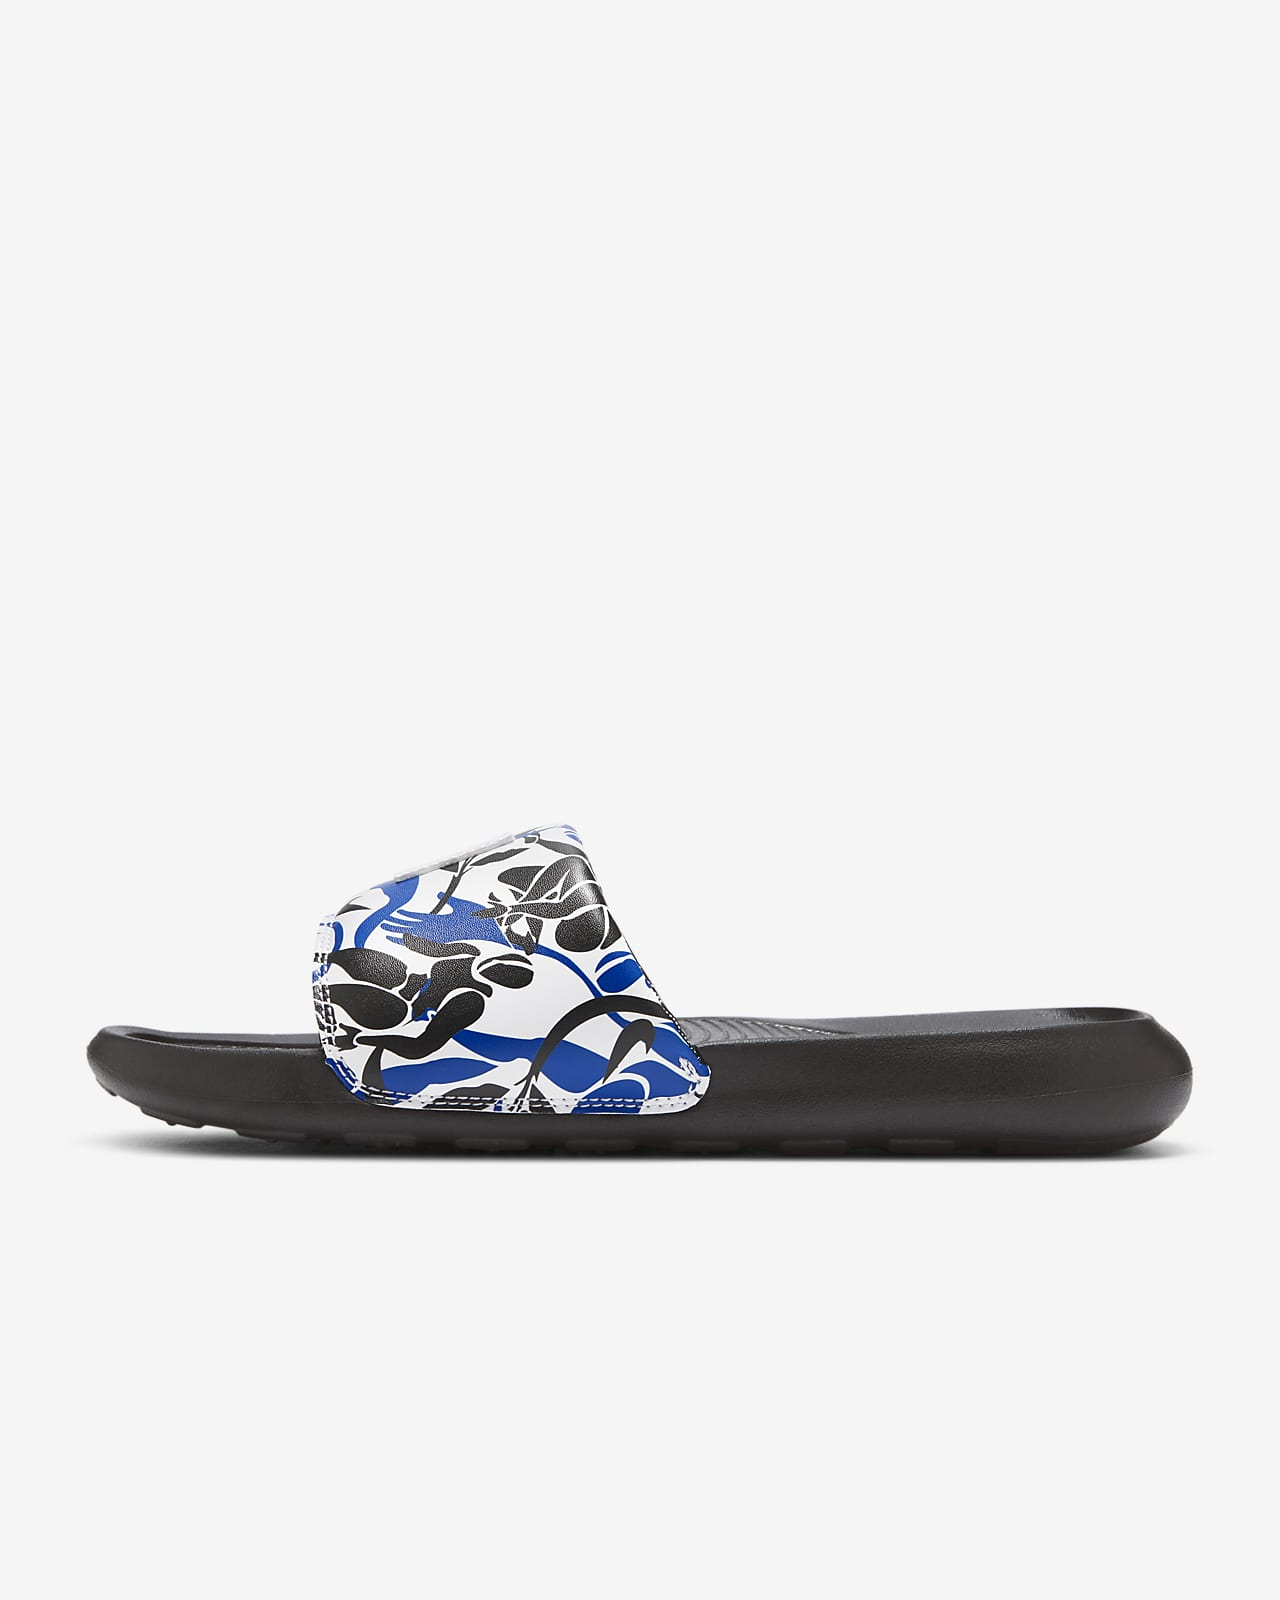 Nike Victori One Women's Printed Slide